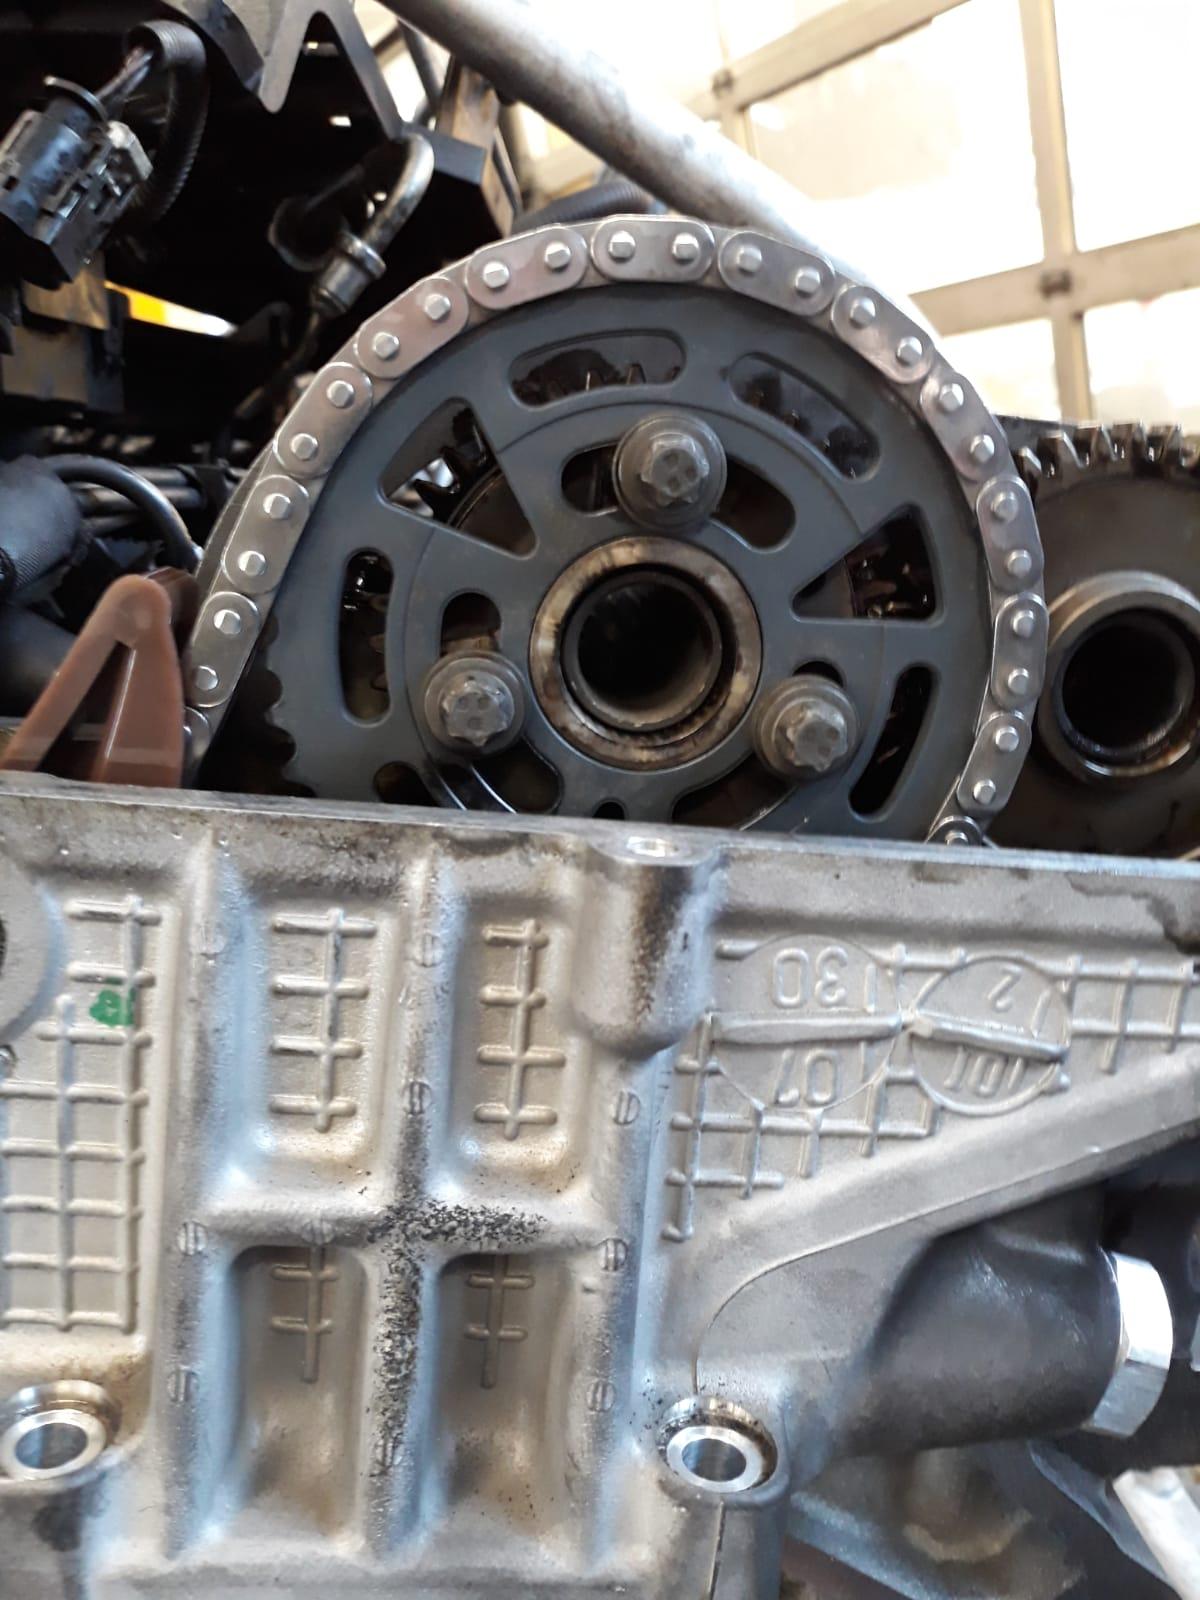 Fabelhaft BMW Steuerkette wechseln ⇒ Motorschmiede die Nr.1 für Motoren @WQ_06